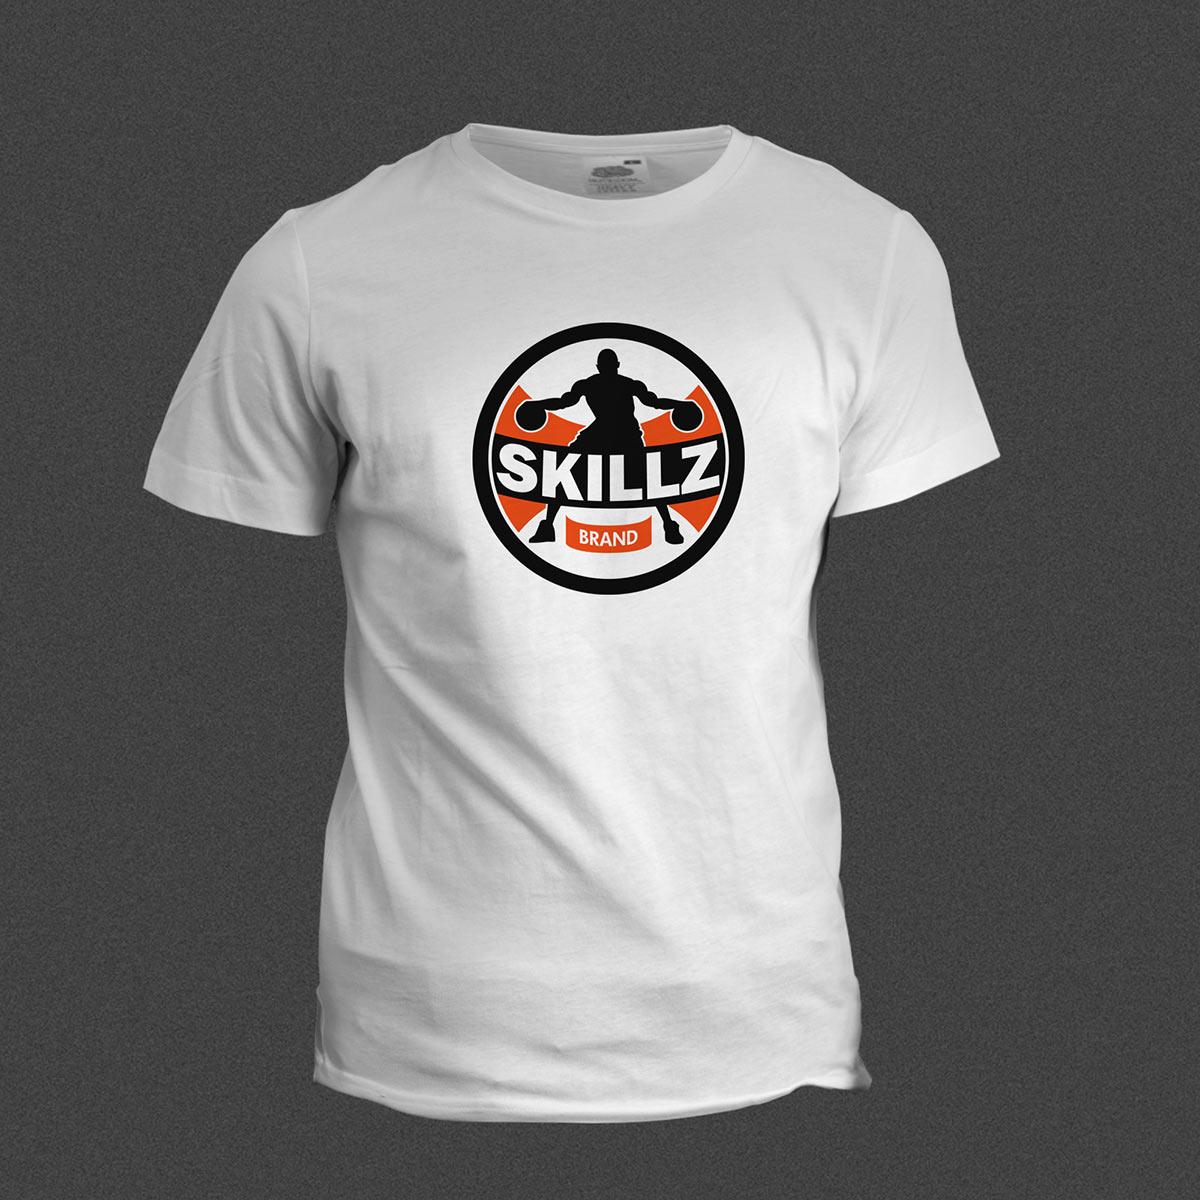 logo_skillz_brand_presentation06